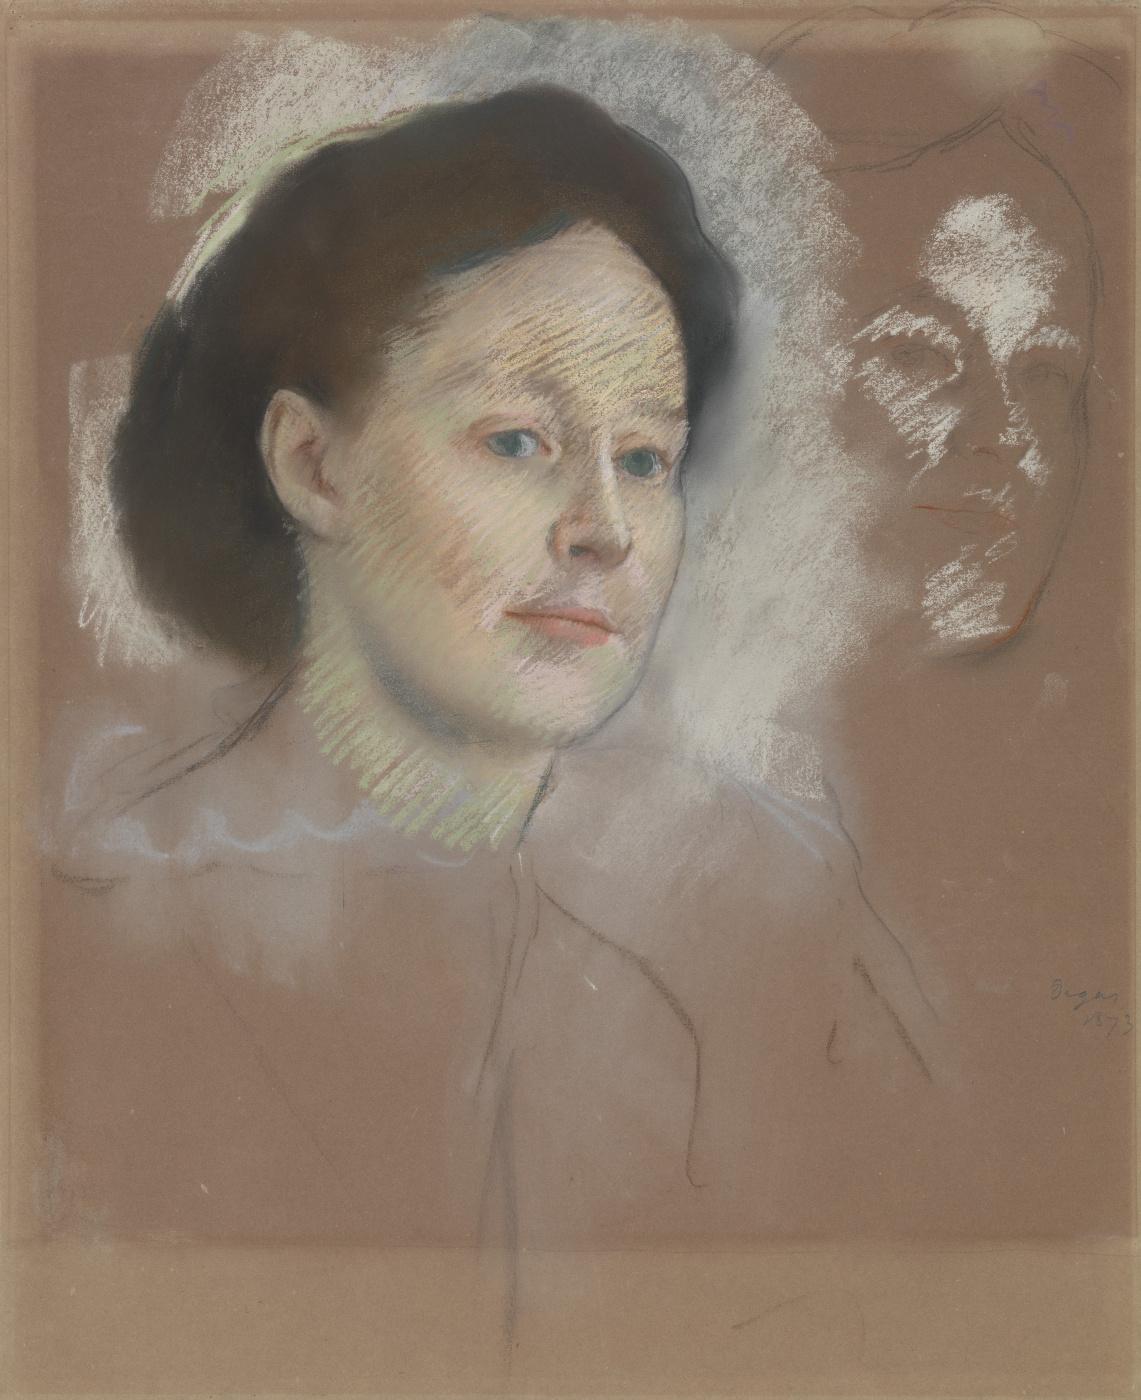 Edgar Degas. Portrait of the artist's cousin, Mrs. William bell